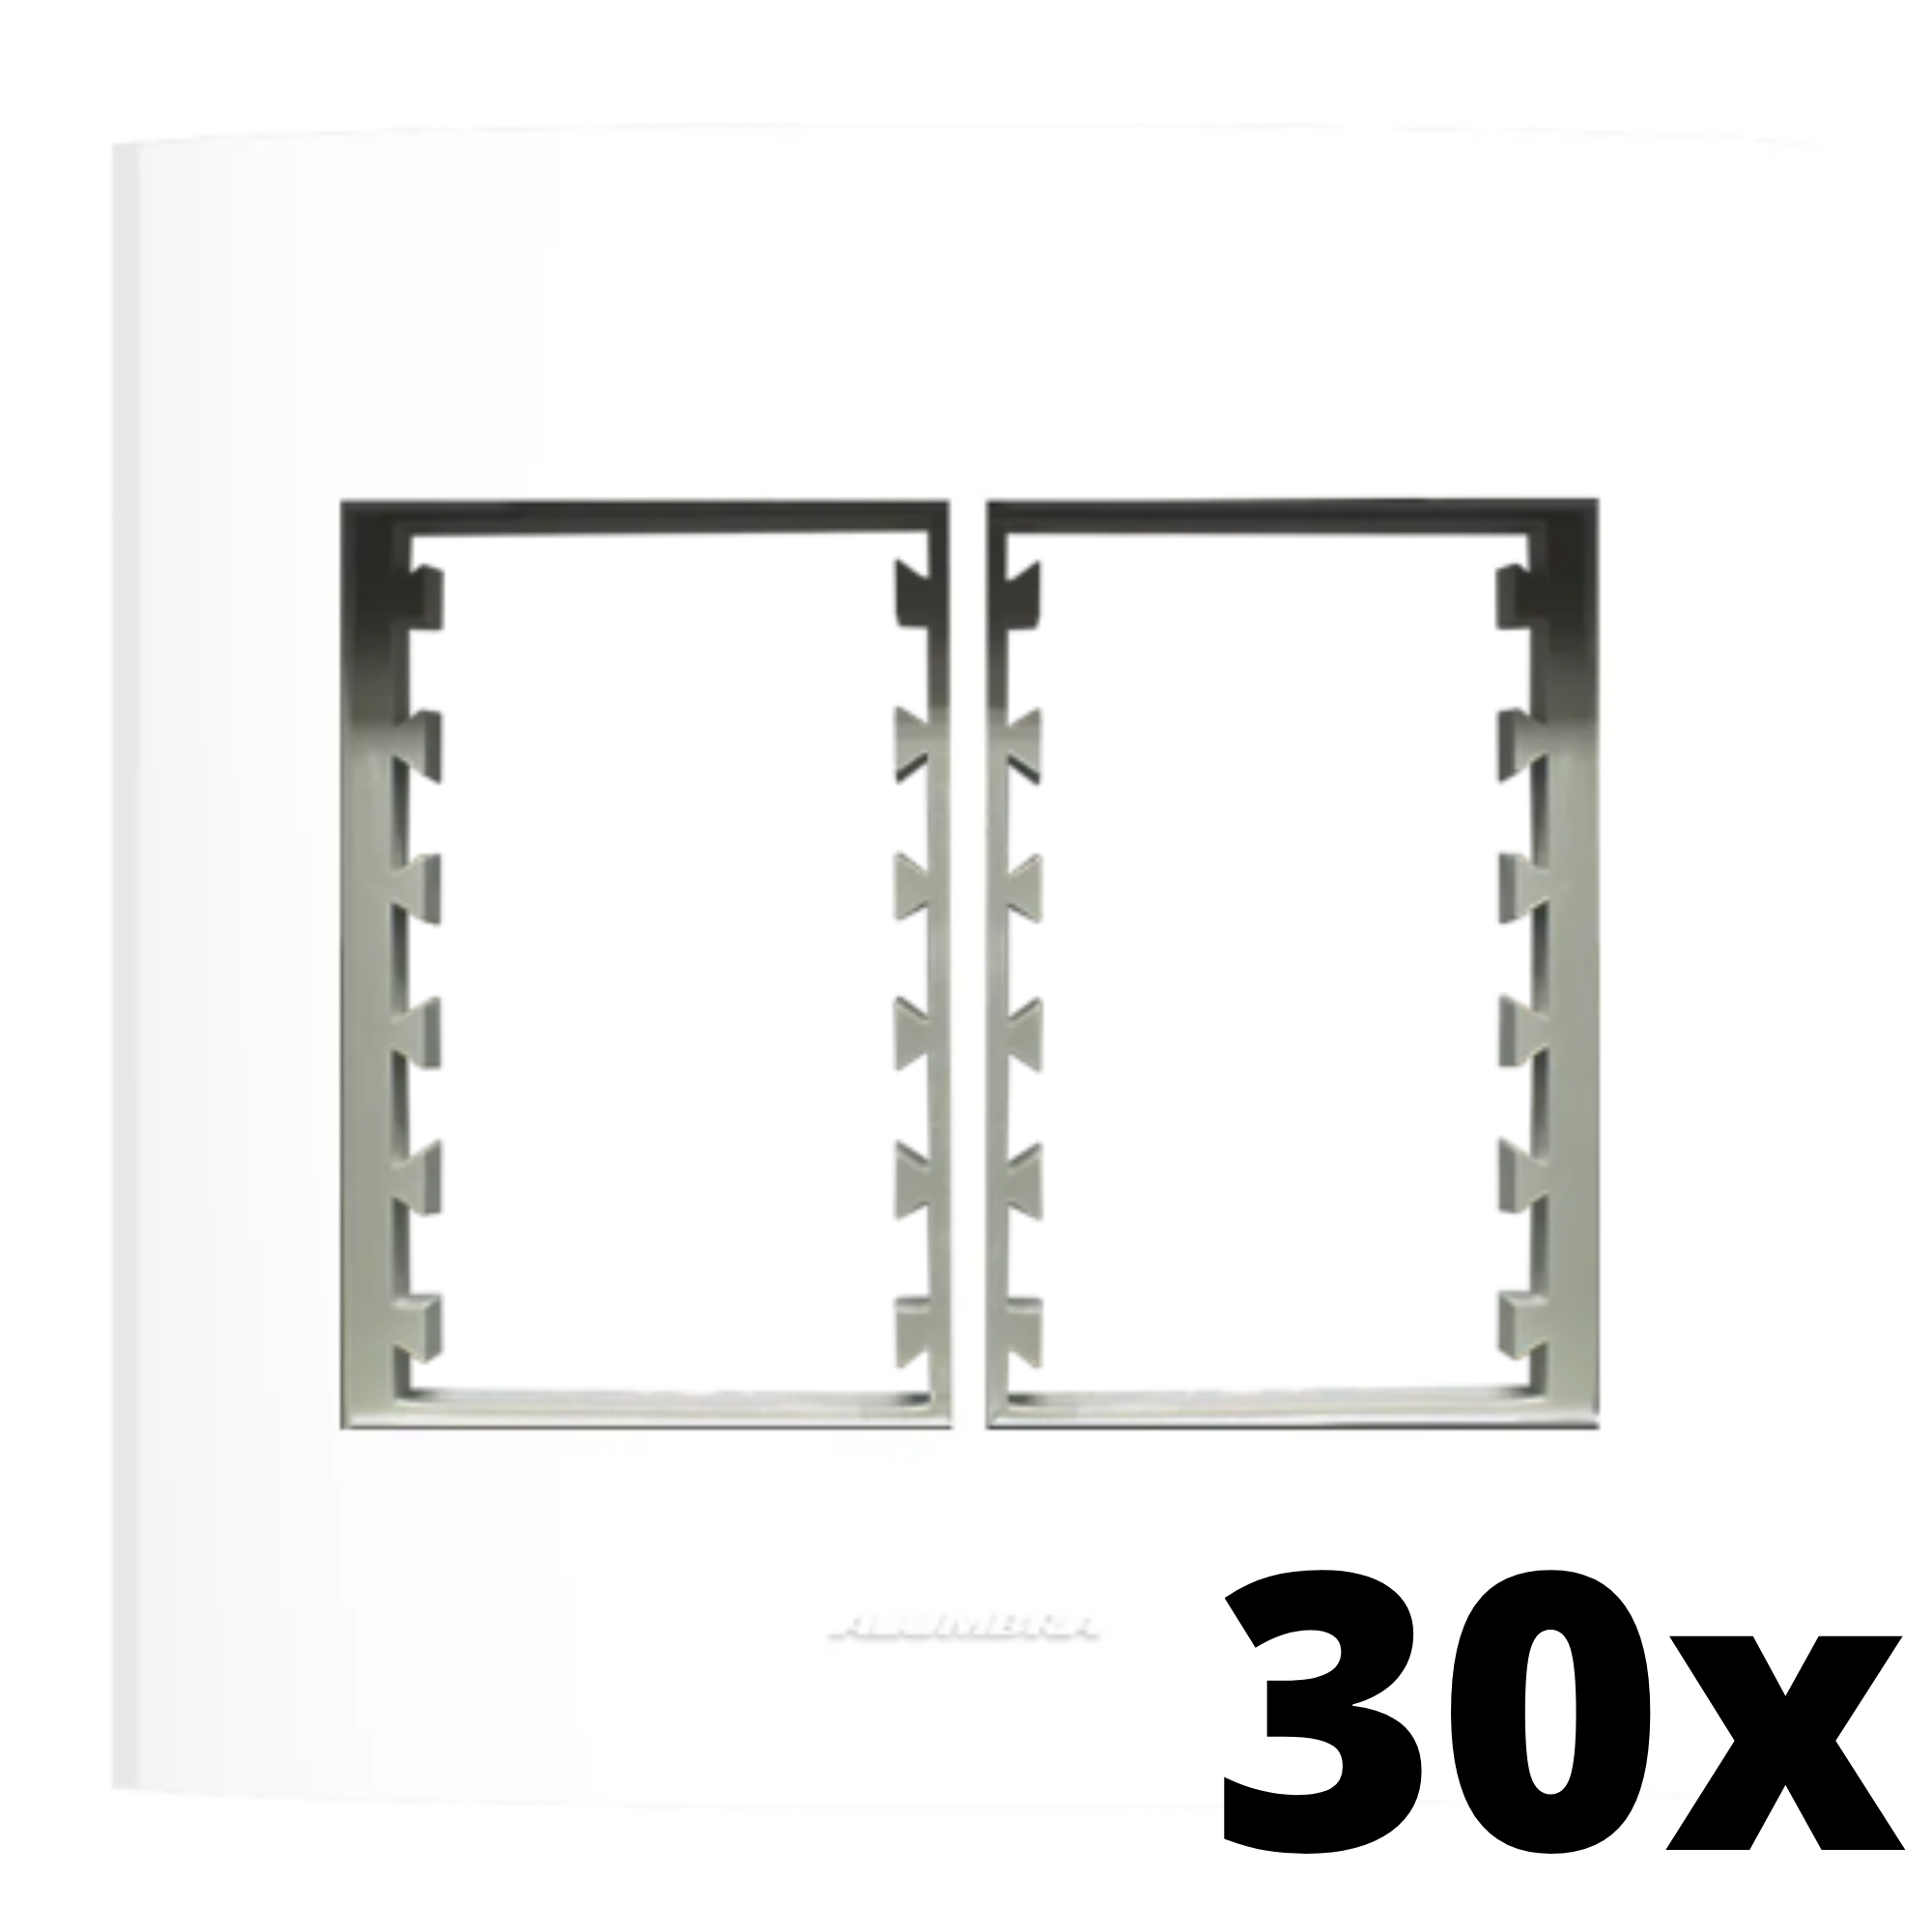 Kit 30 und Inova Pró Placa 4x4 3 Seções + 3 Seções